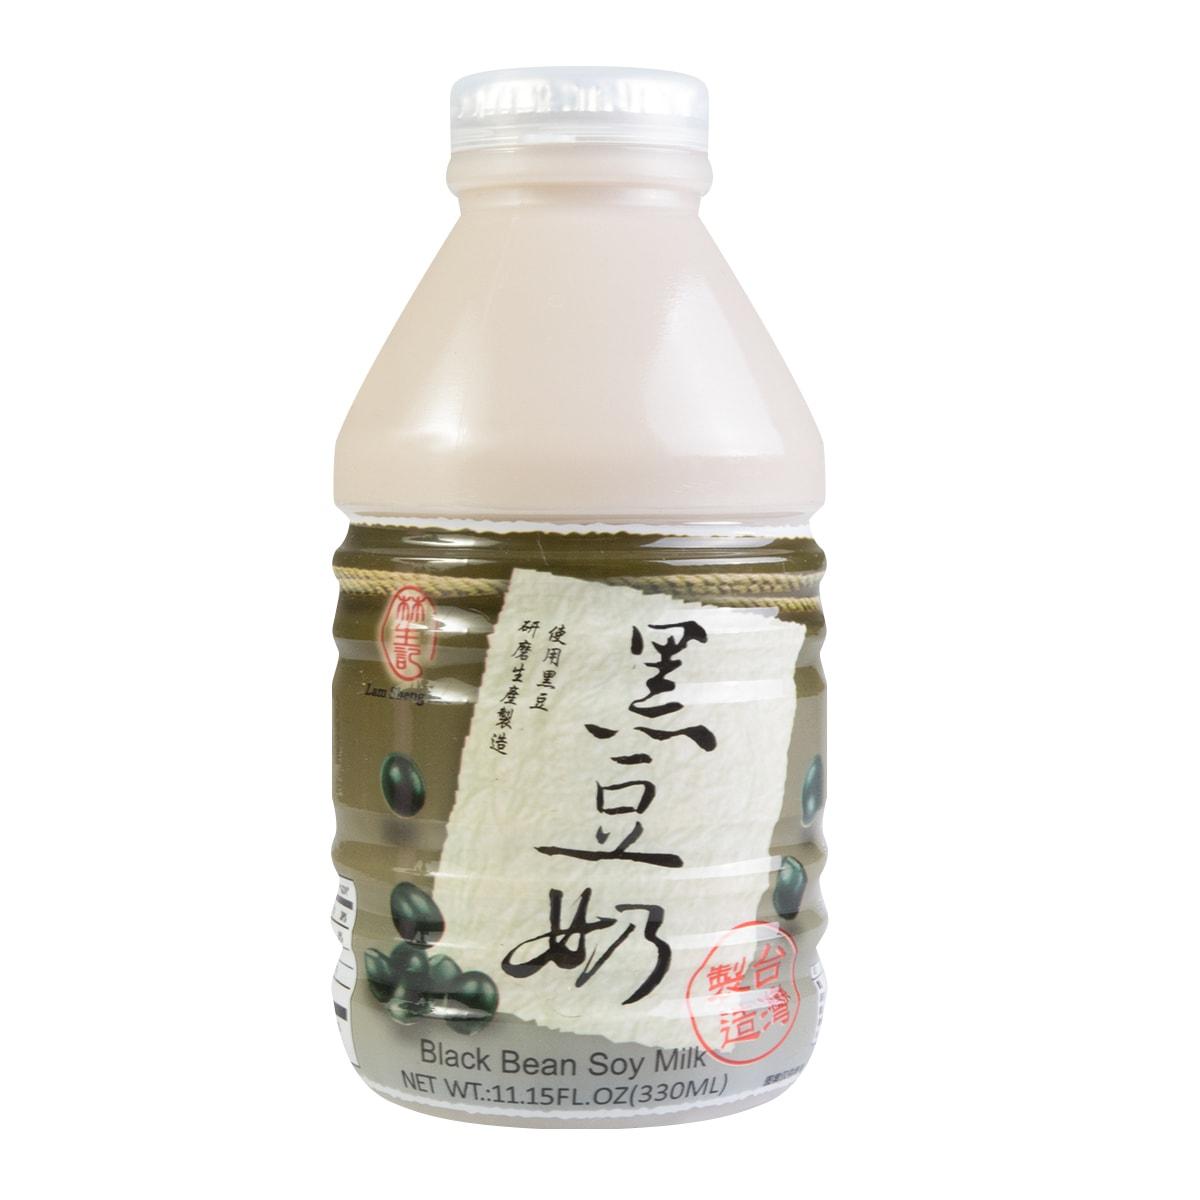 台湾林生记 黑豆奶 330ml